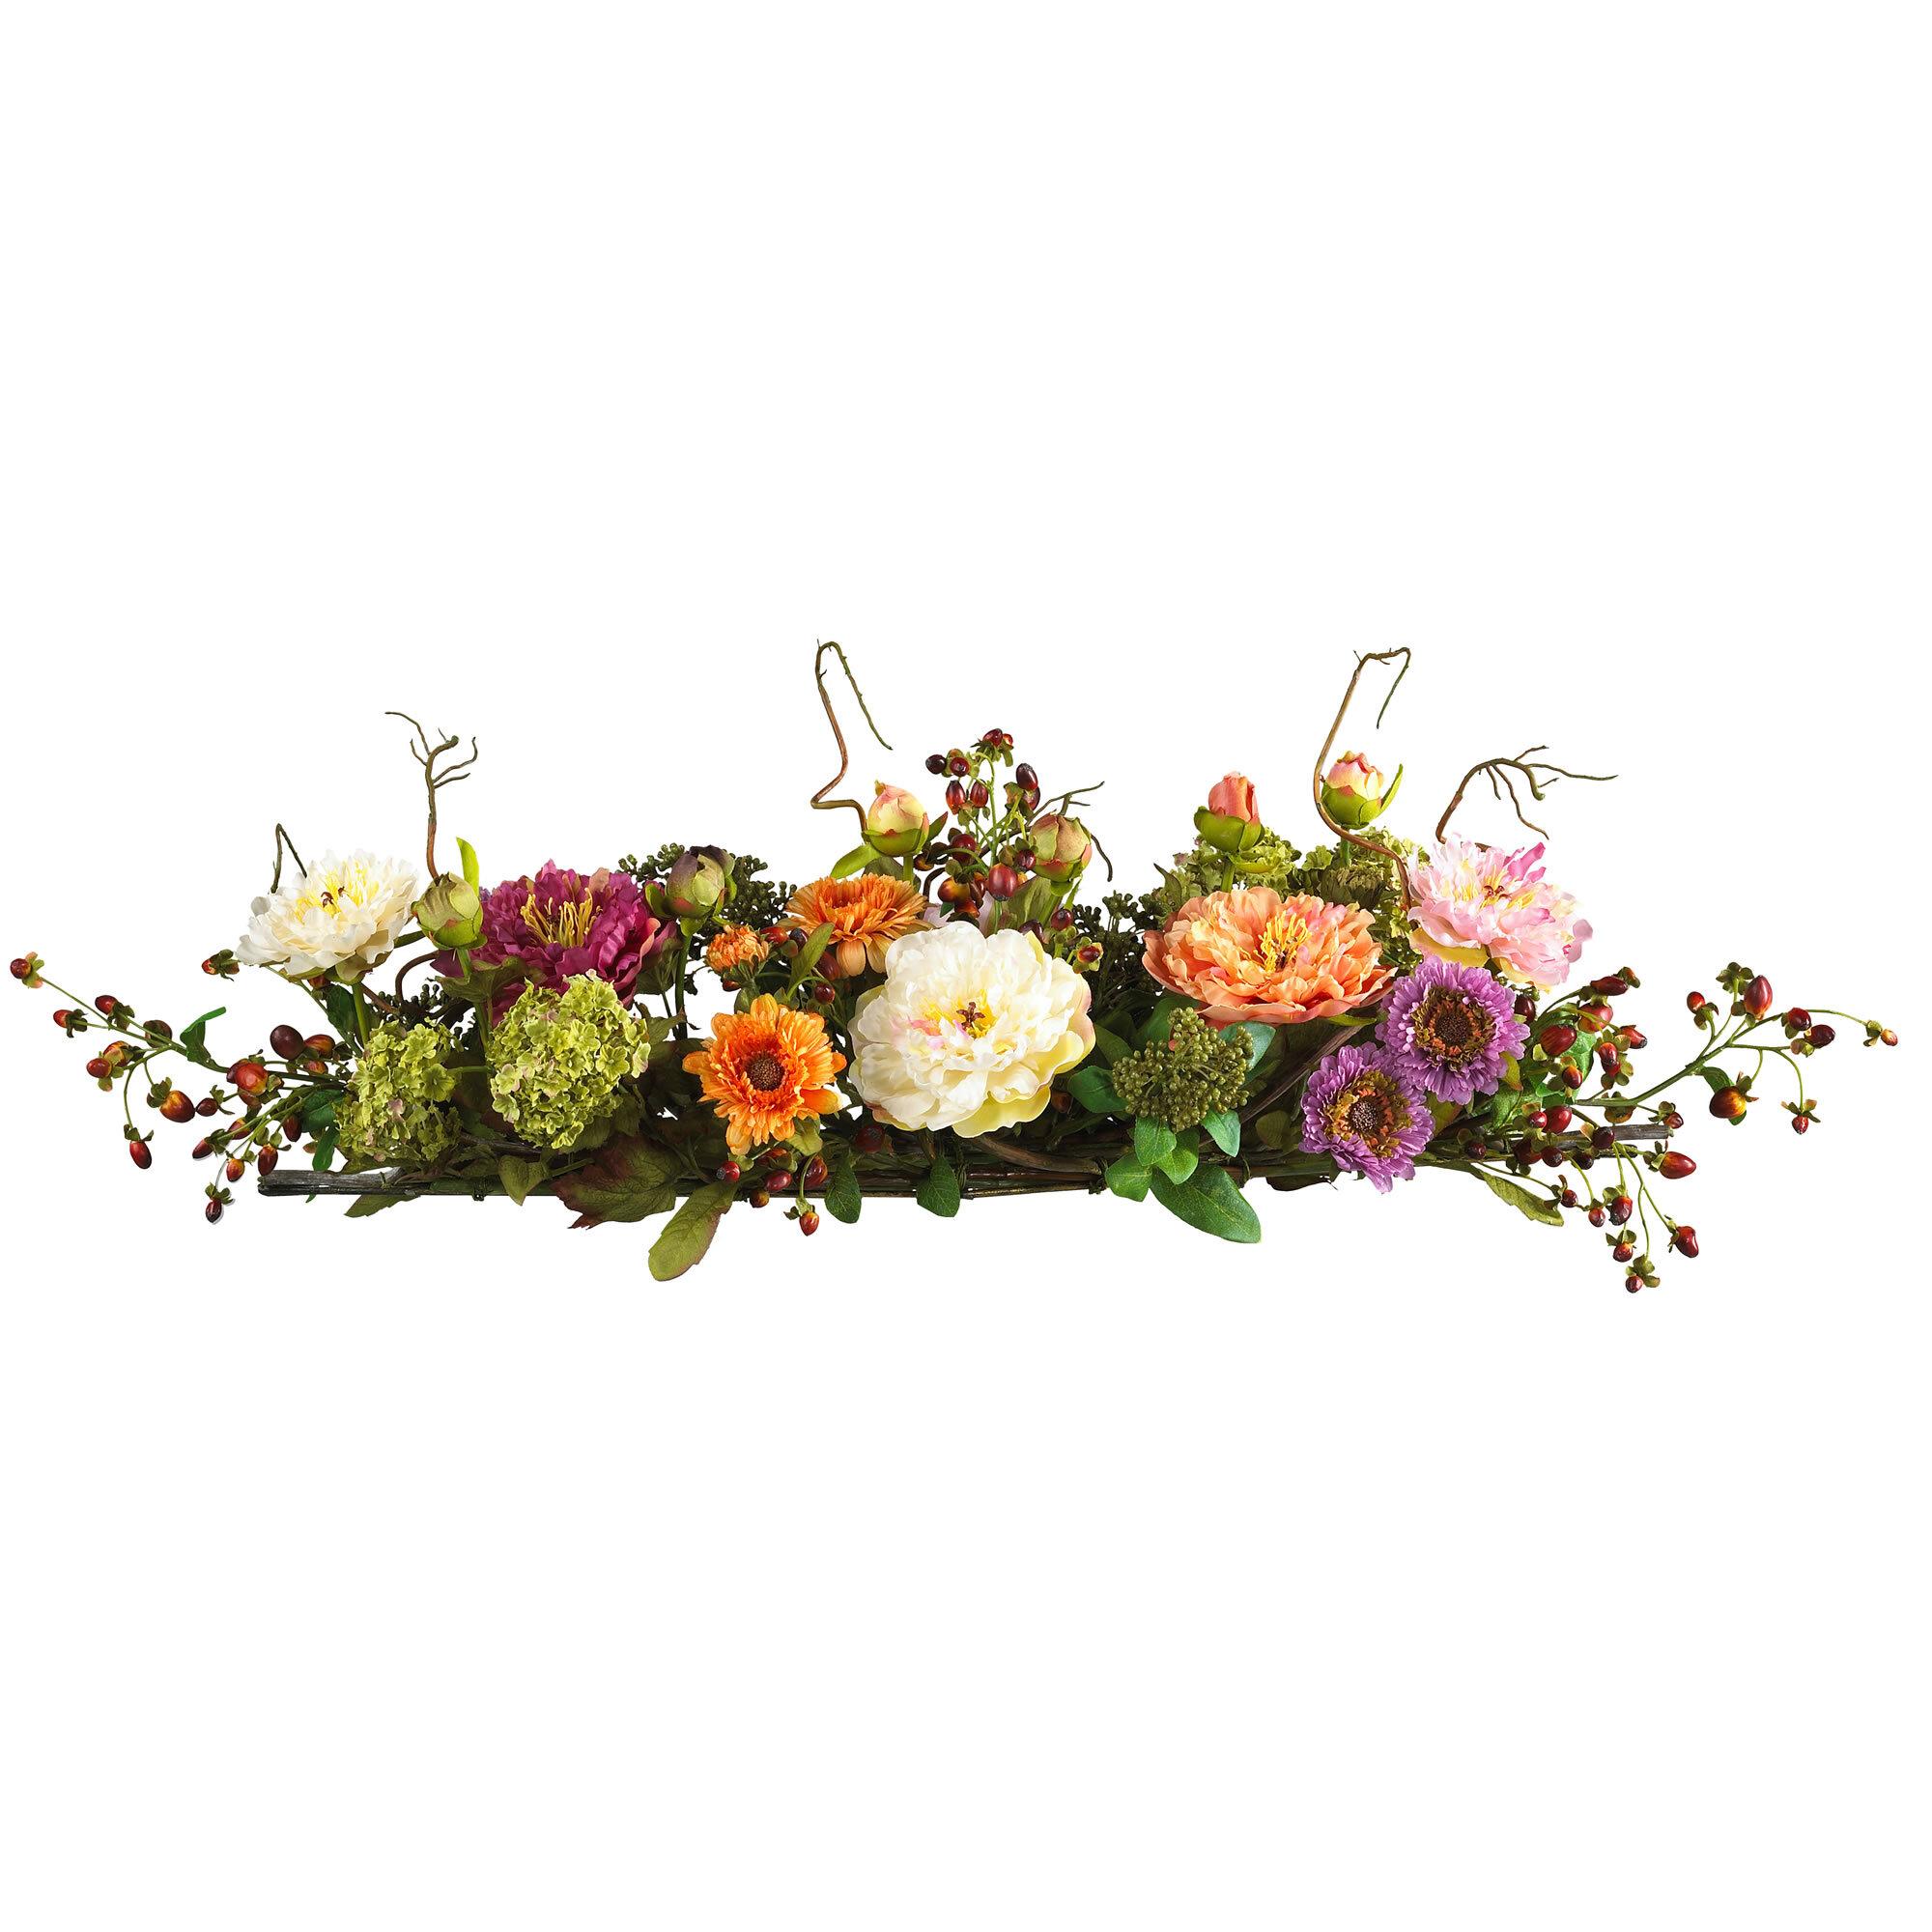 August Grove Silk Flower Mixed Peony Centerpiece Reviews Wayfair